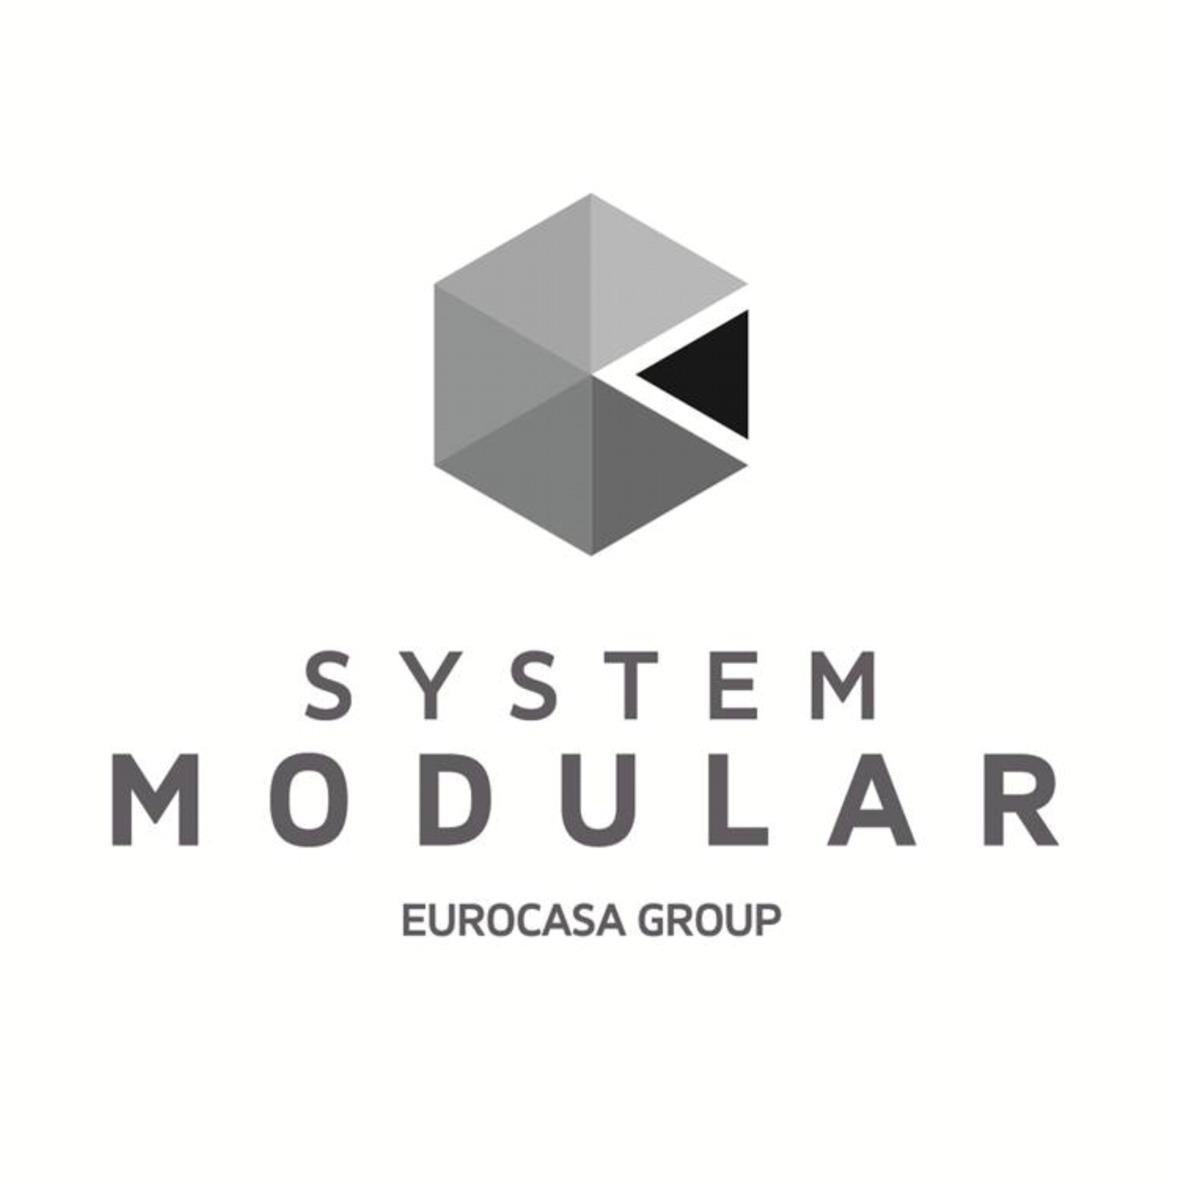 SYSTEM MODULAR EUROCASA GROUP